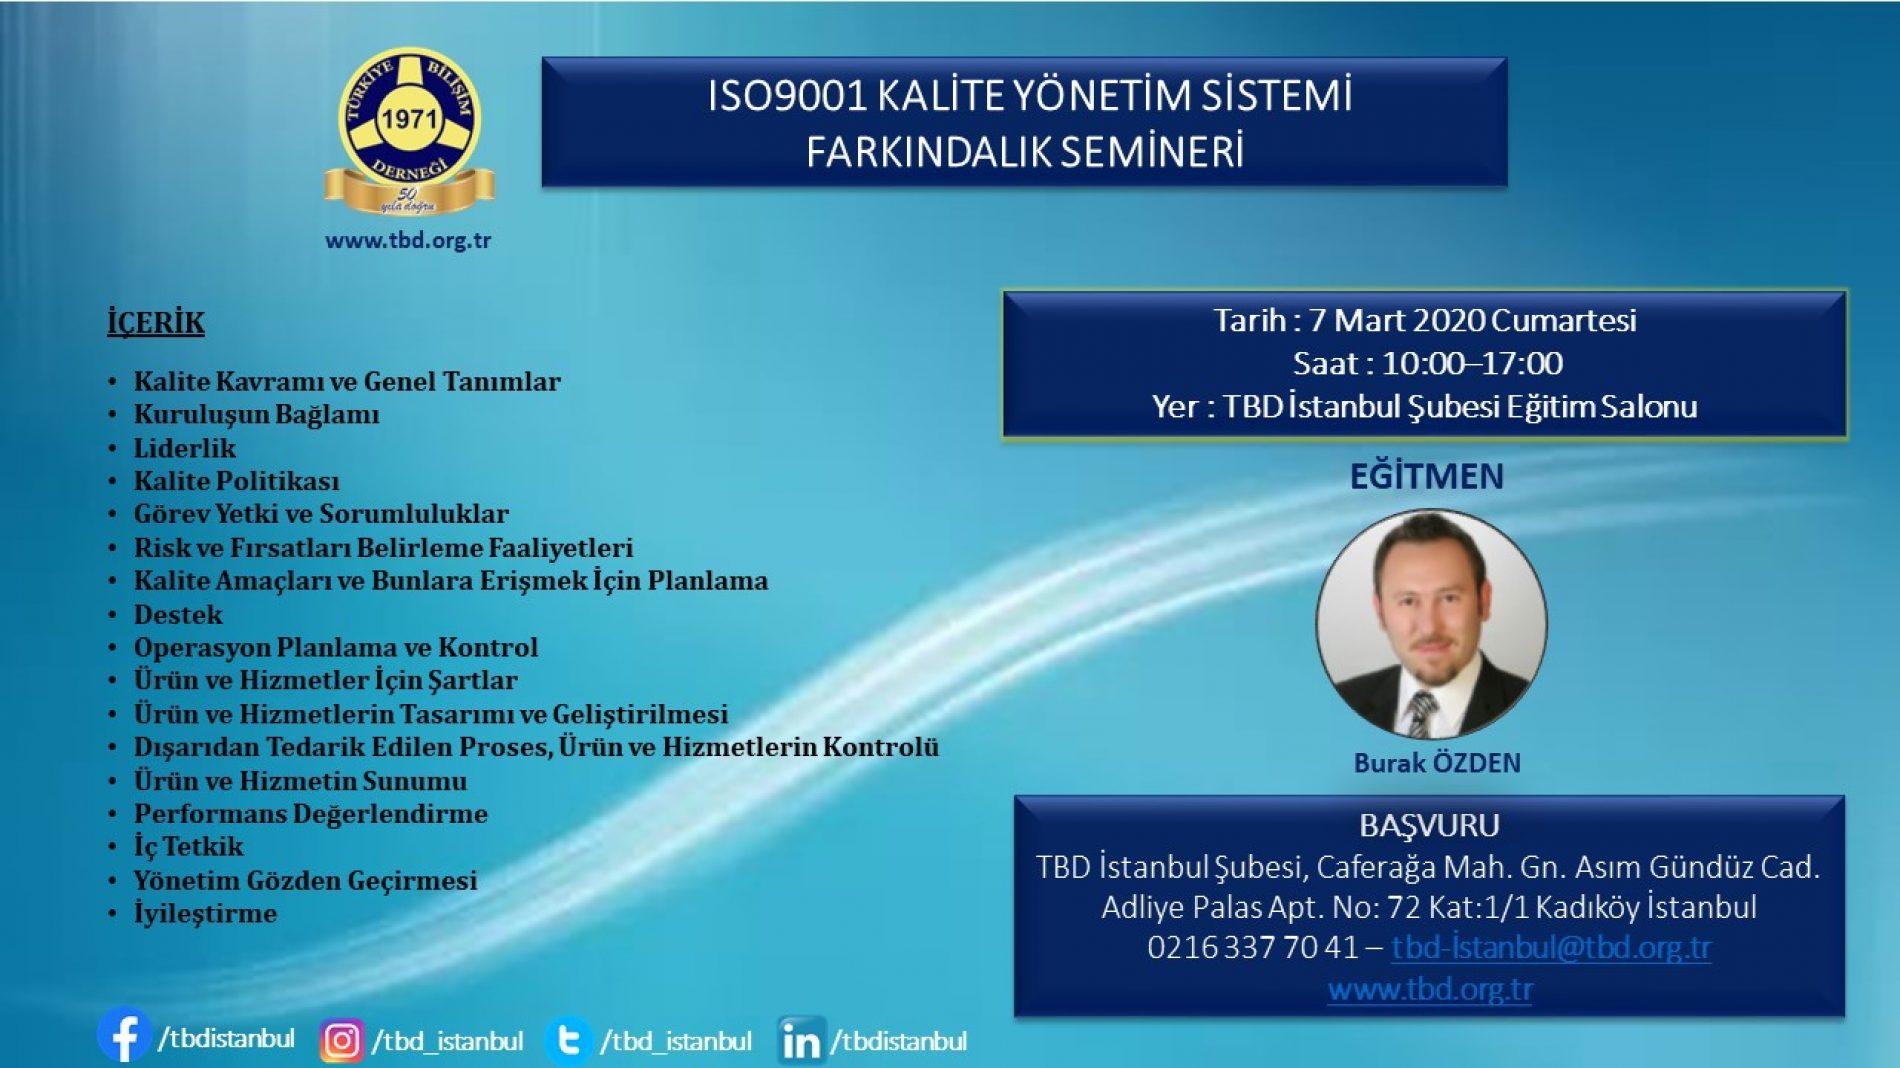 ISO9001 KALİTE YÖNETİM SİSTEMİ FARKINDALIK SEMİNERİ